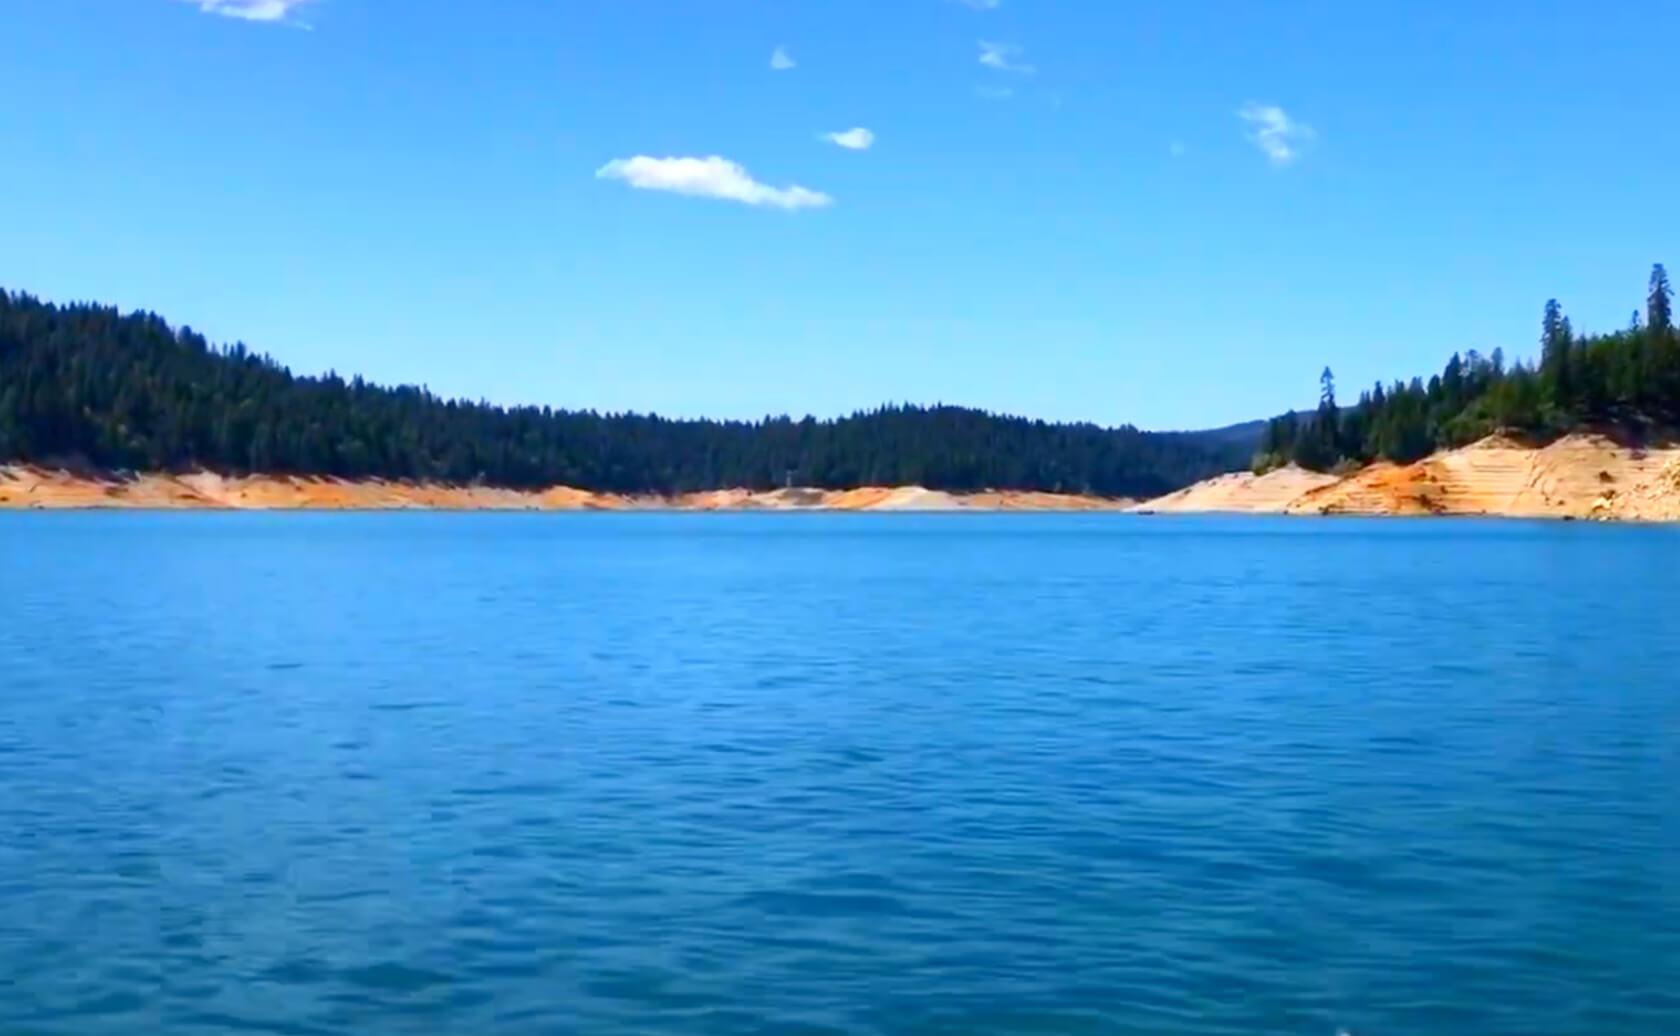 New-Bullards-Bar-Reservoir-Lake-Fishing-Guide-Report-California-02